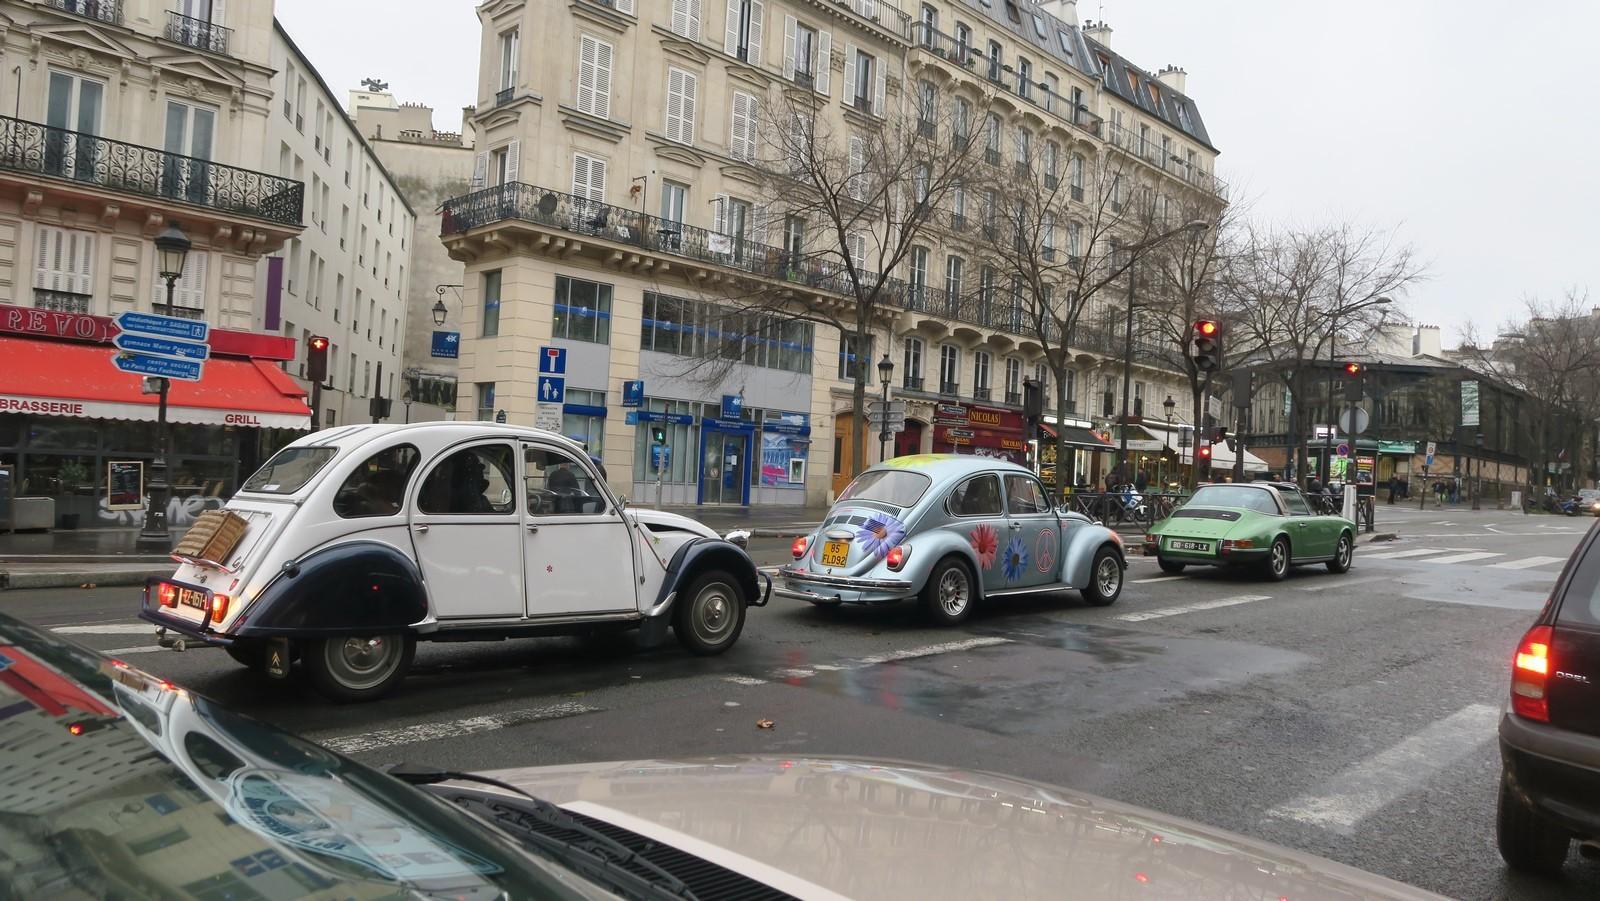 Traversee de Paris hivernale 2019 FM 17